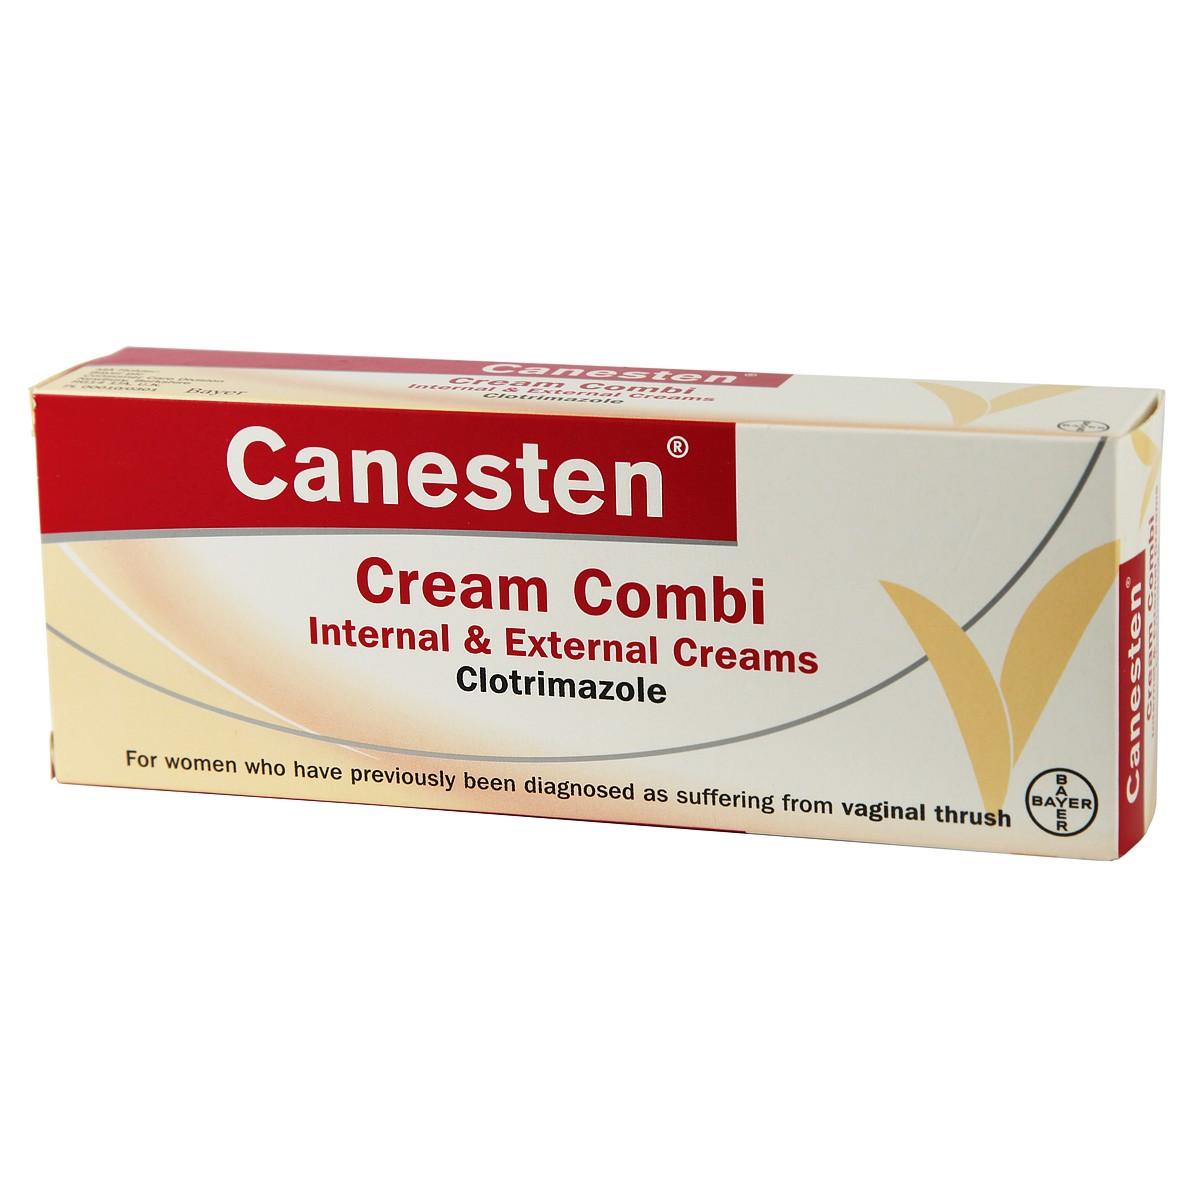 Canesten Cream Combi